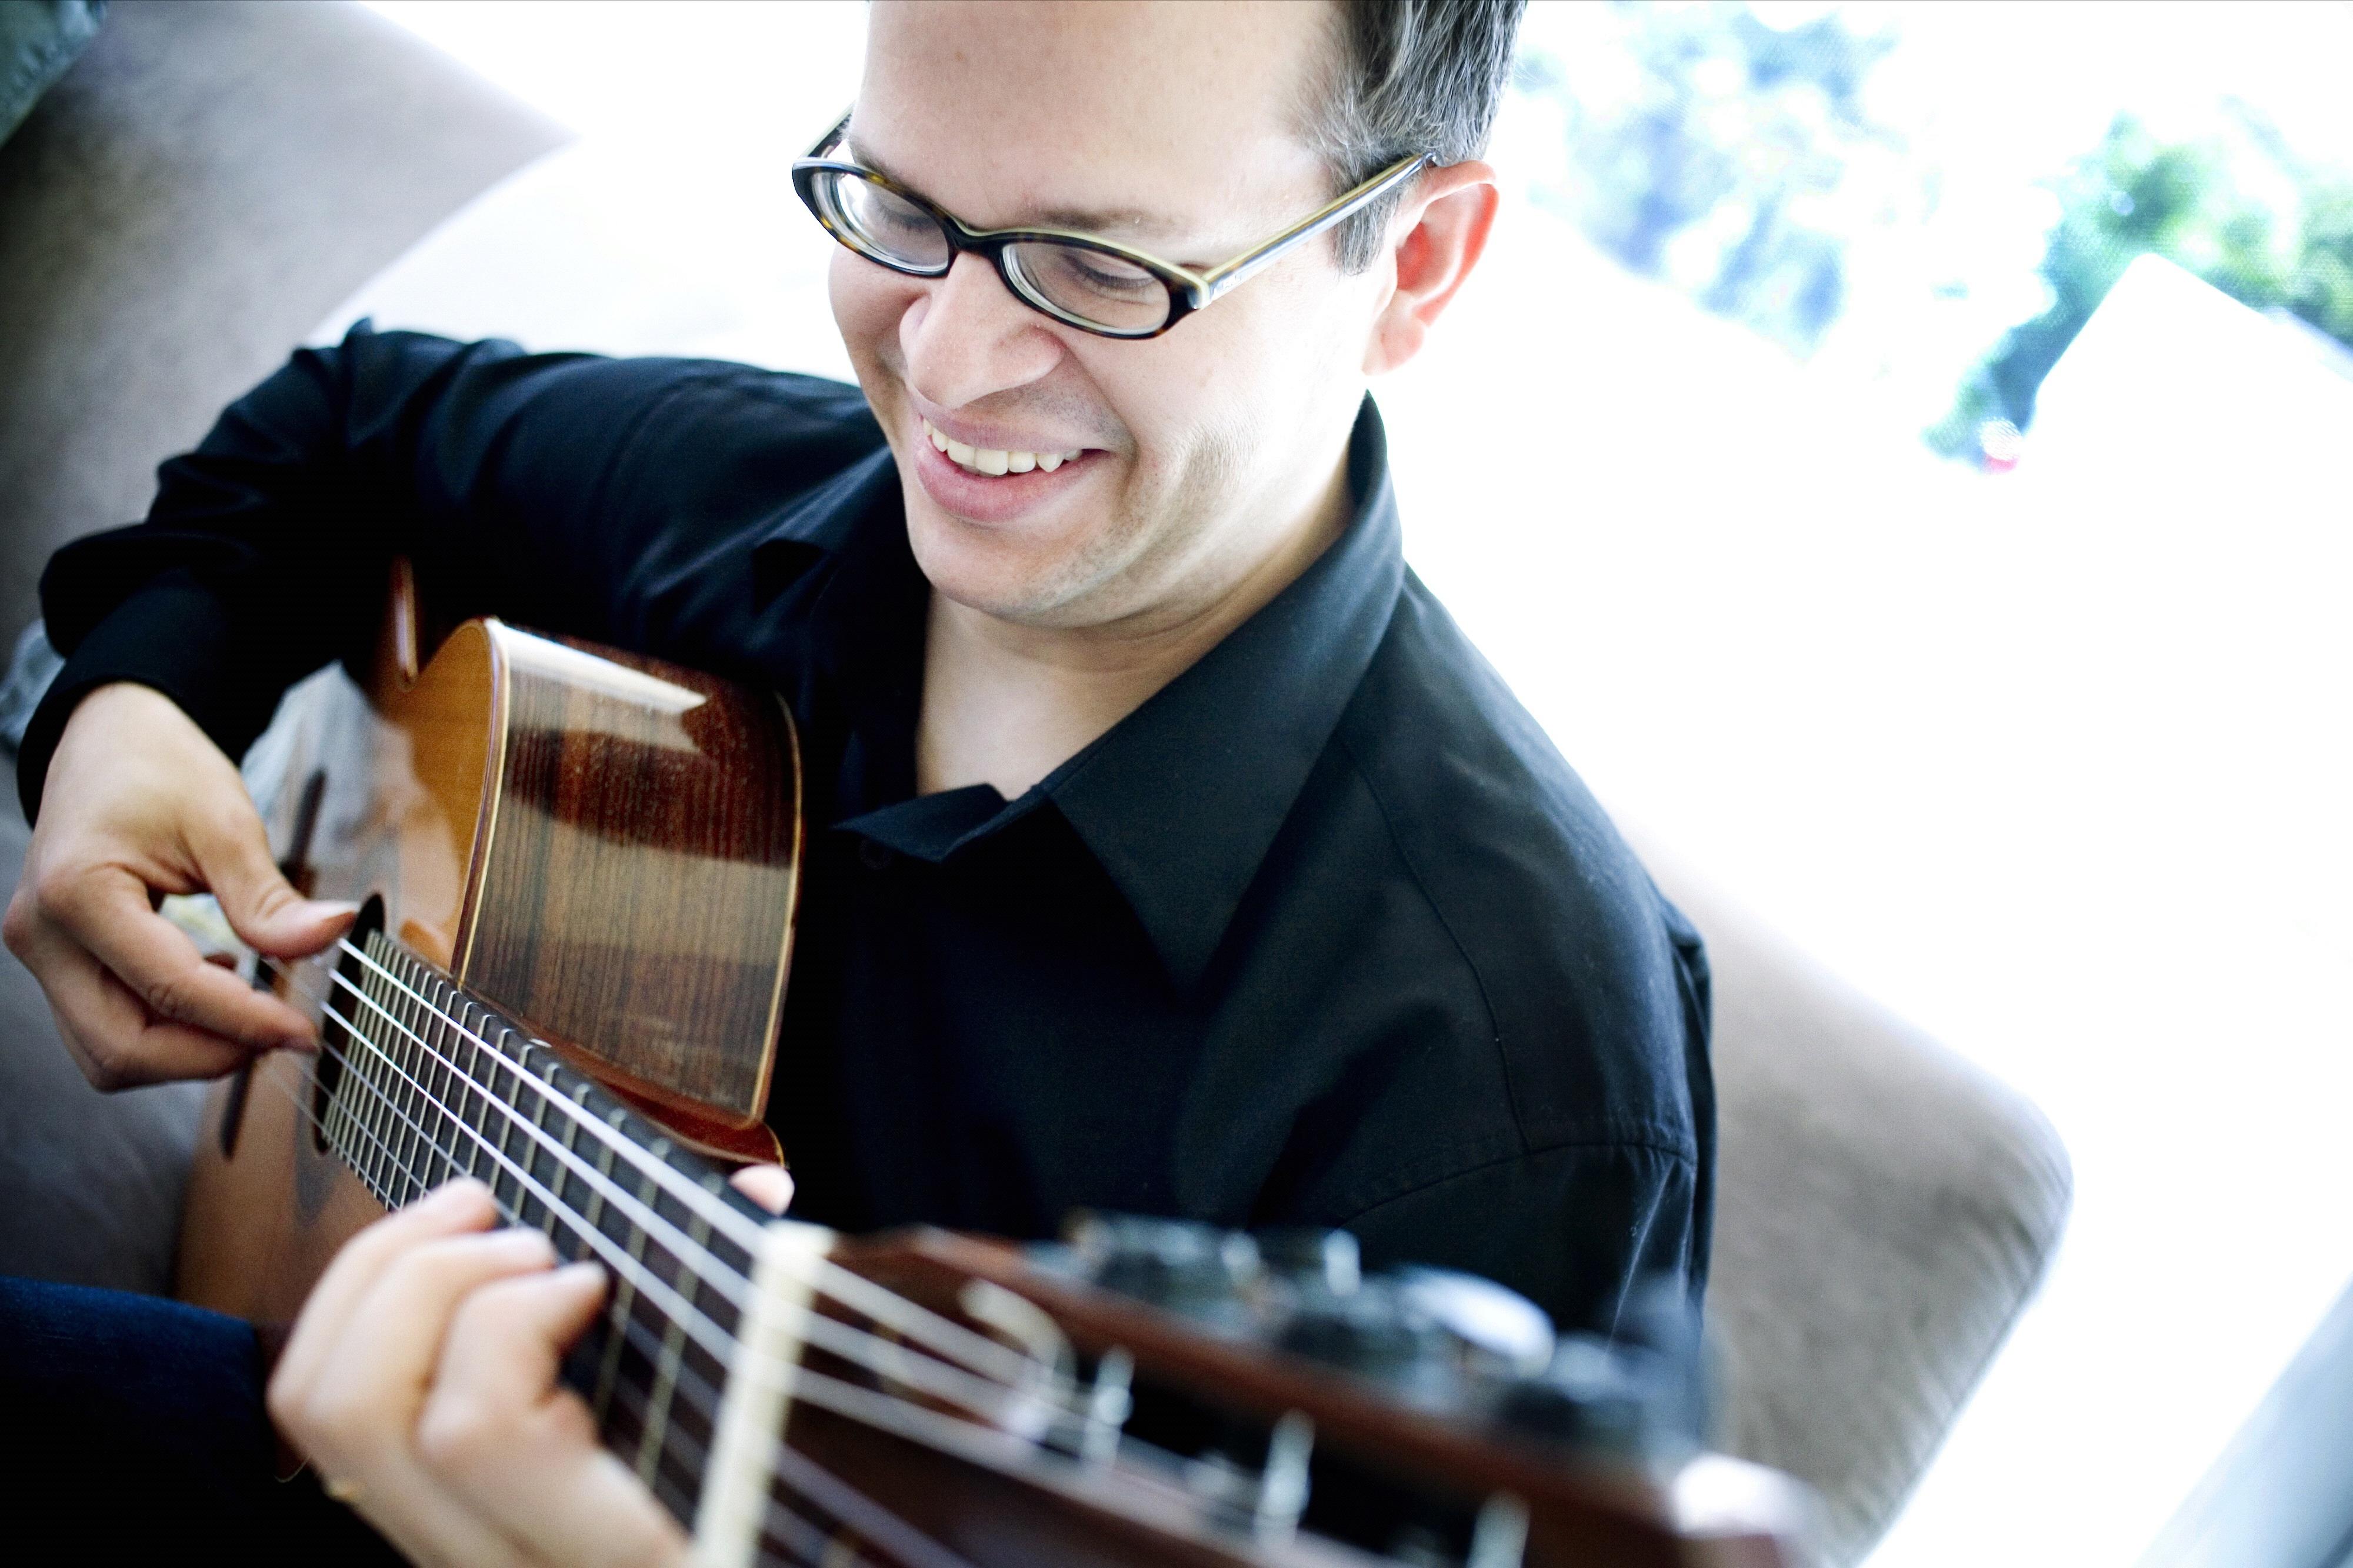 Kevin Manderville (photo credit: Susan Stripling)